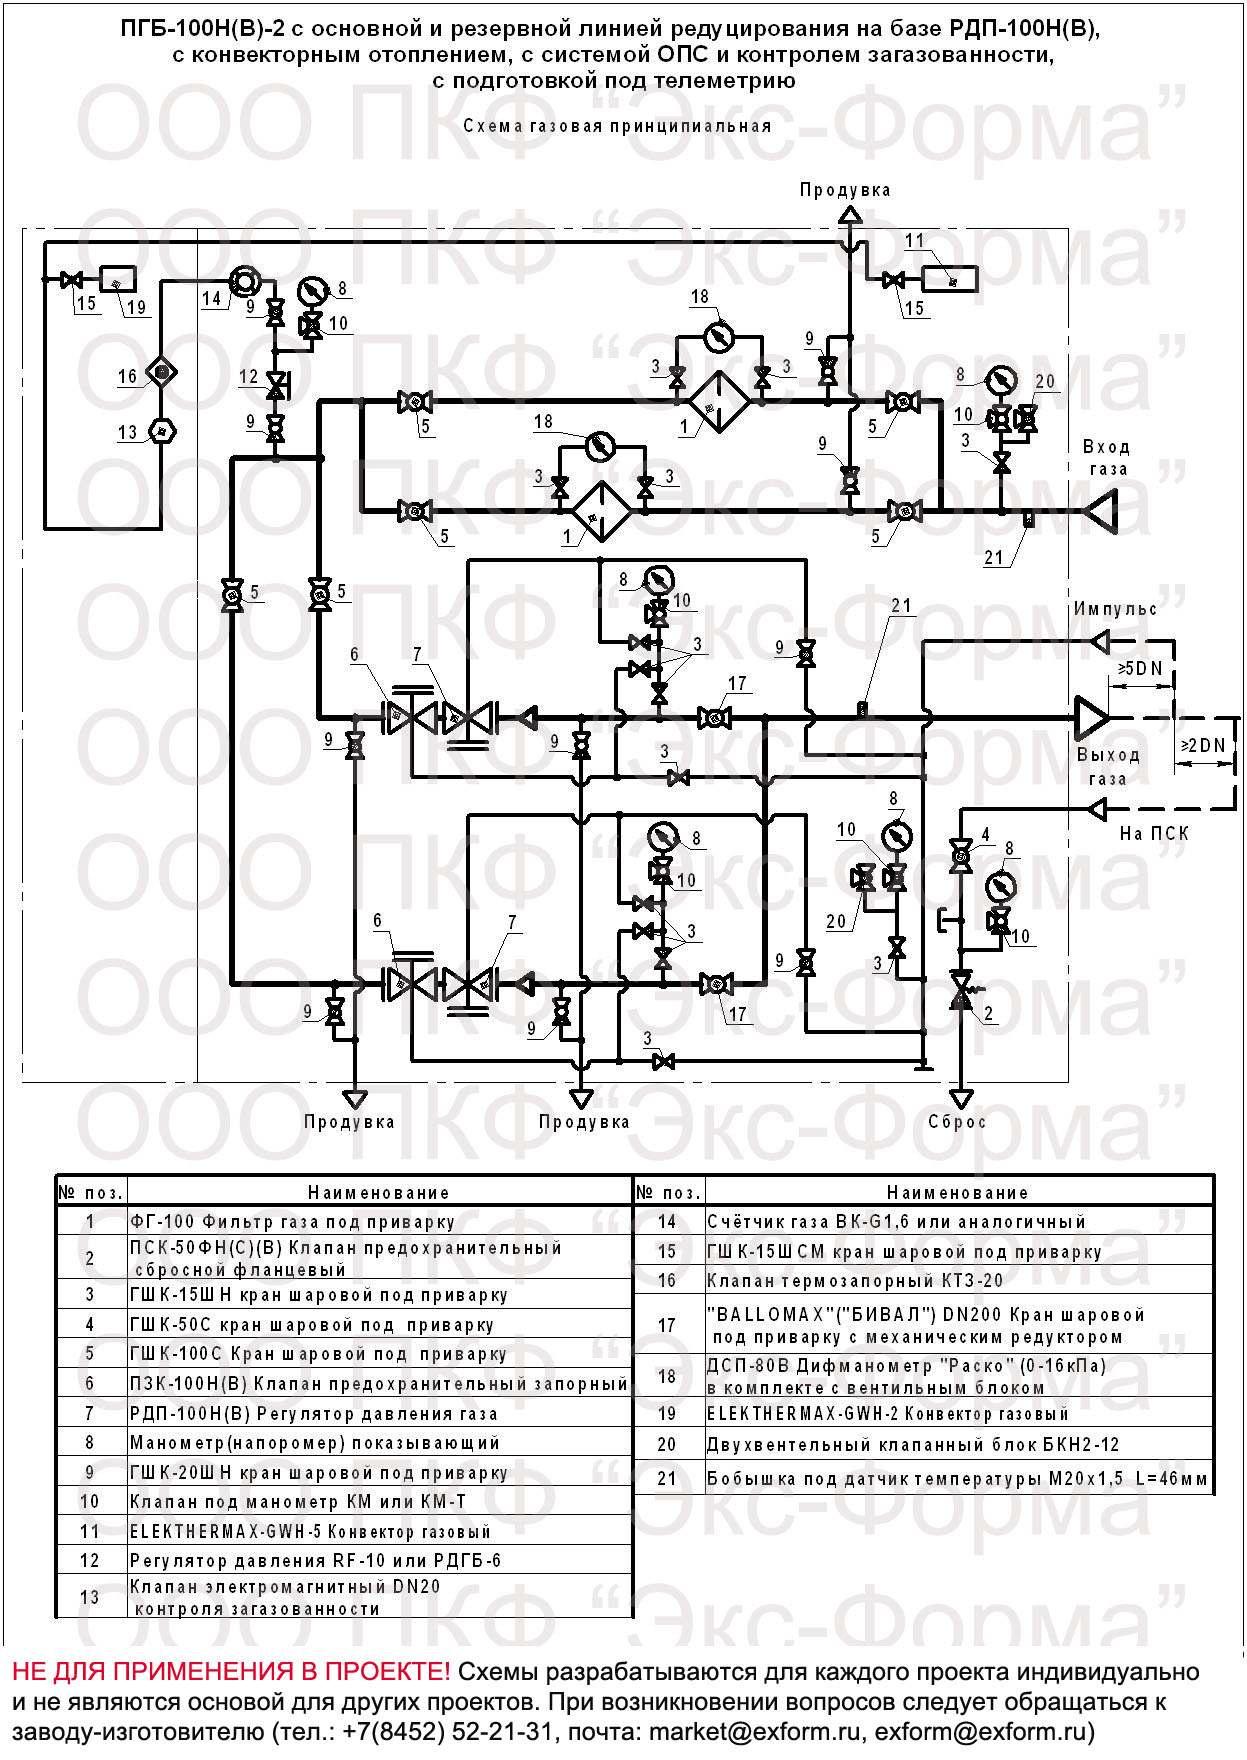 газовая схема ПГБ-100Н-2У1, ПГБ-100В-2У1 с АОГВ